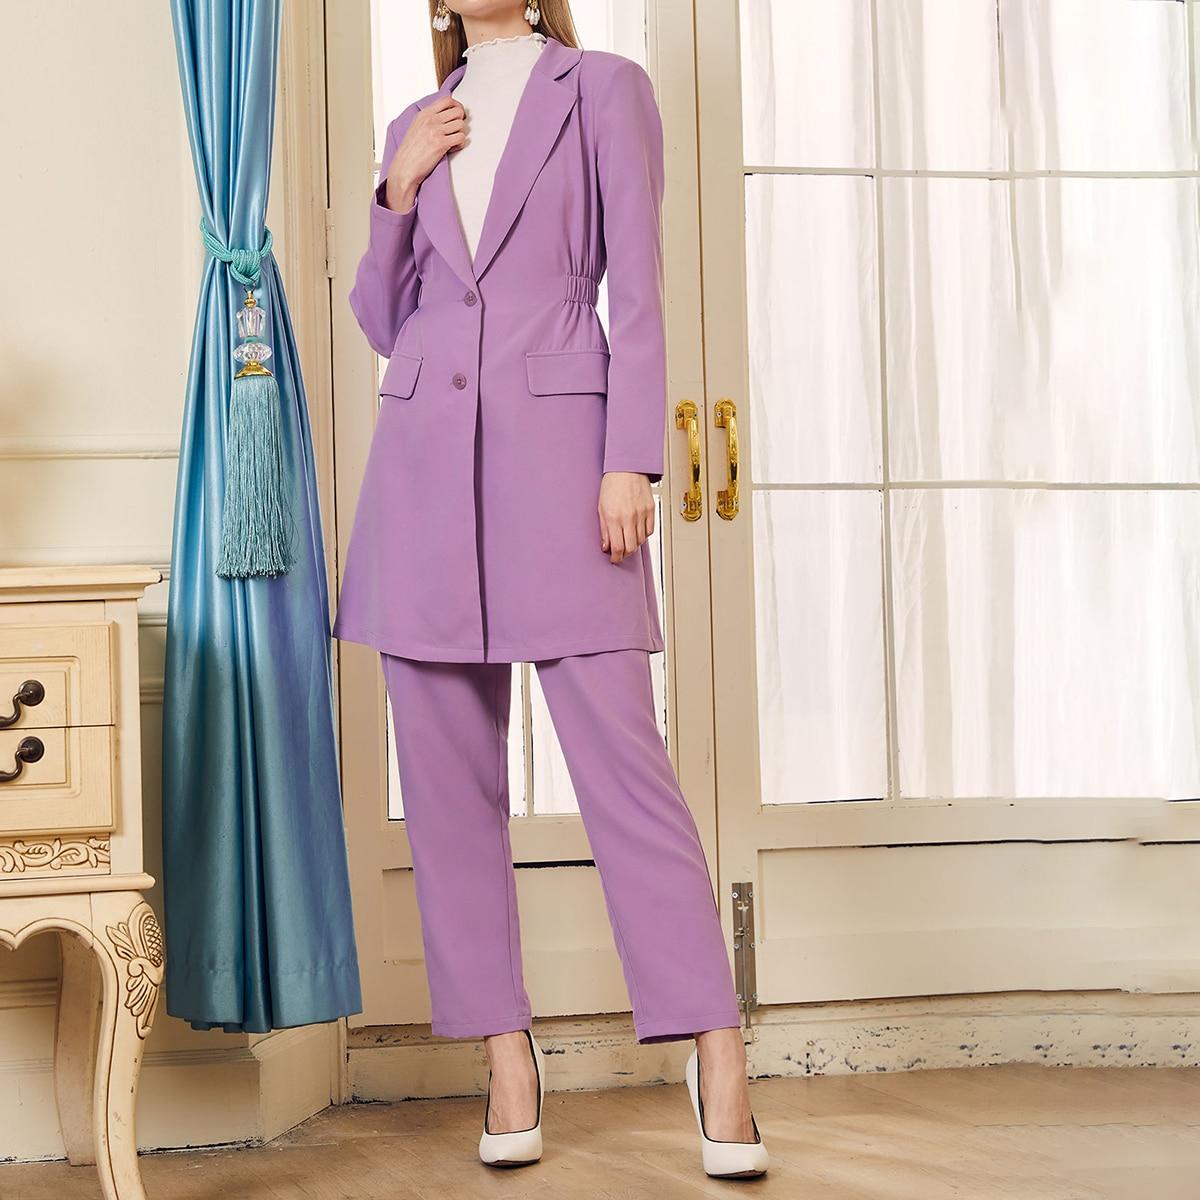 Пиджак с лацканами и брюки